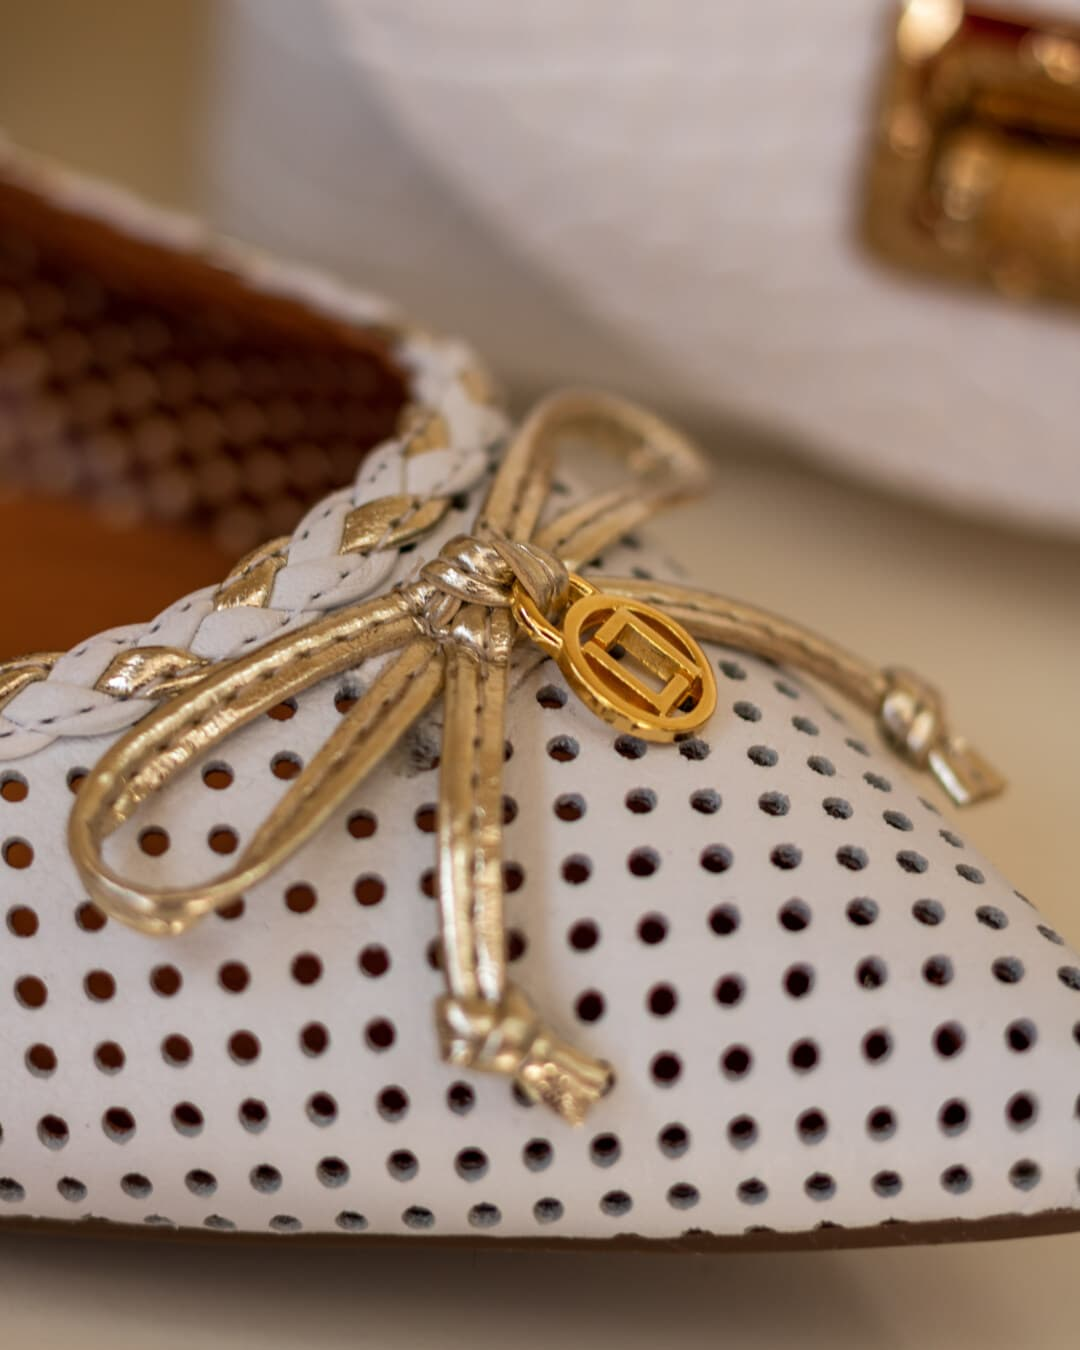 classique, sandale, fermer, chaussure, blanc, produit, Shopping, détails, lacet, luxe